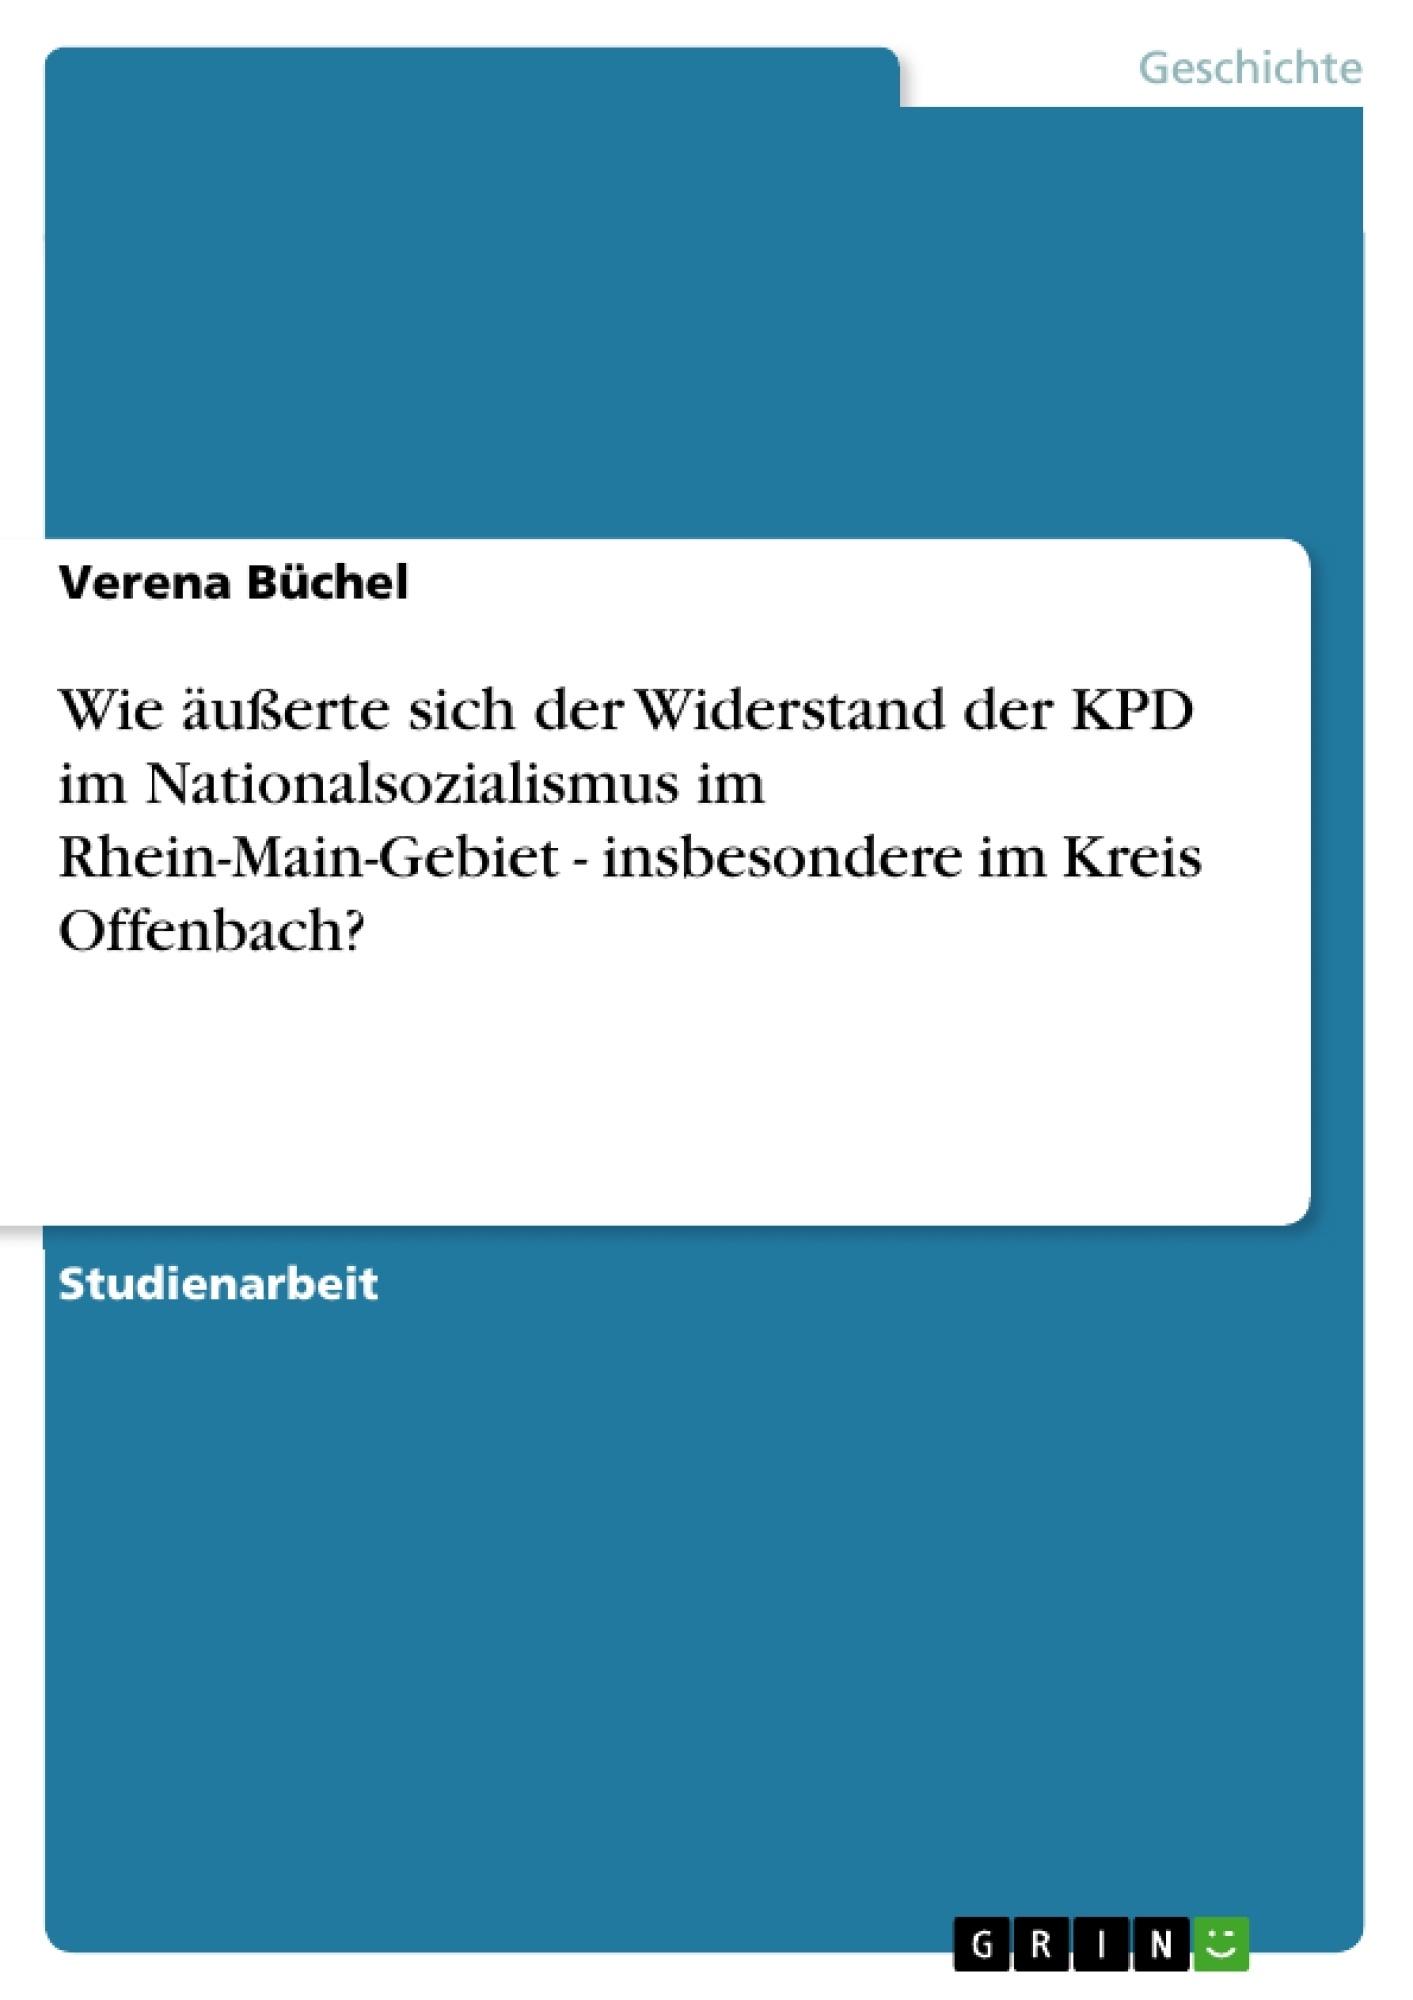 Titel: Wie äußerte sich der Widerstand der KPD im Nationalsozialismus im Rhein-Main-Gebiet - insbesondere im Kreis Offenbach?